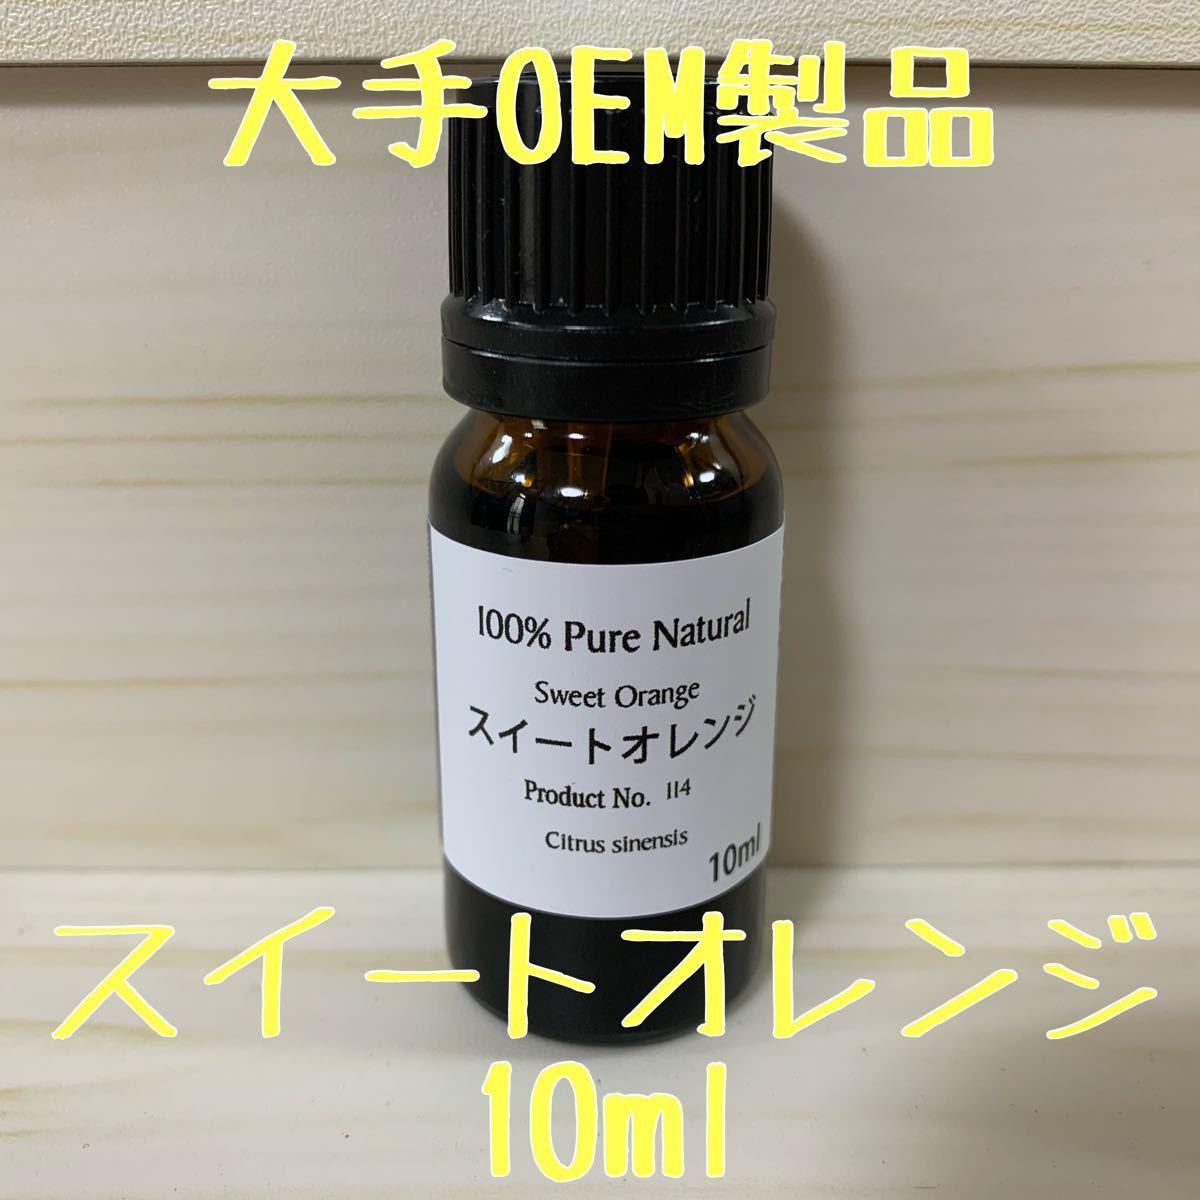 エッセンシャルオイル スイートオレンジ 精油